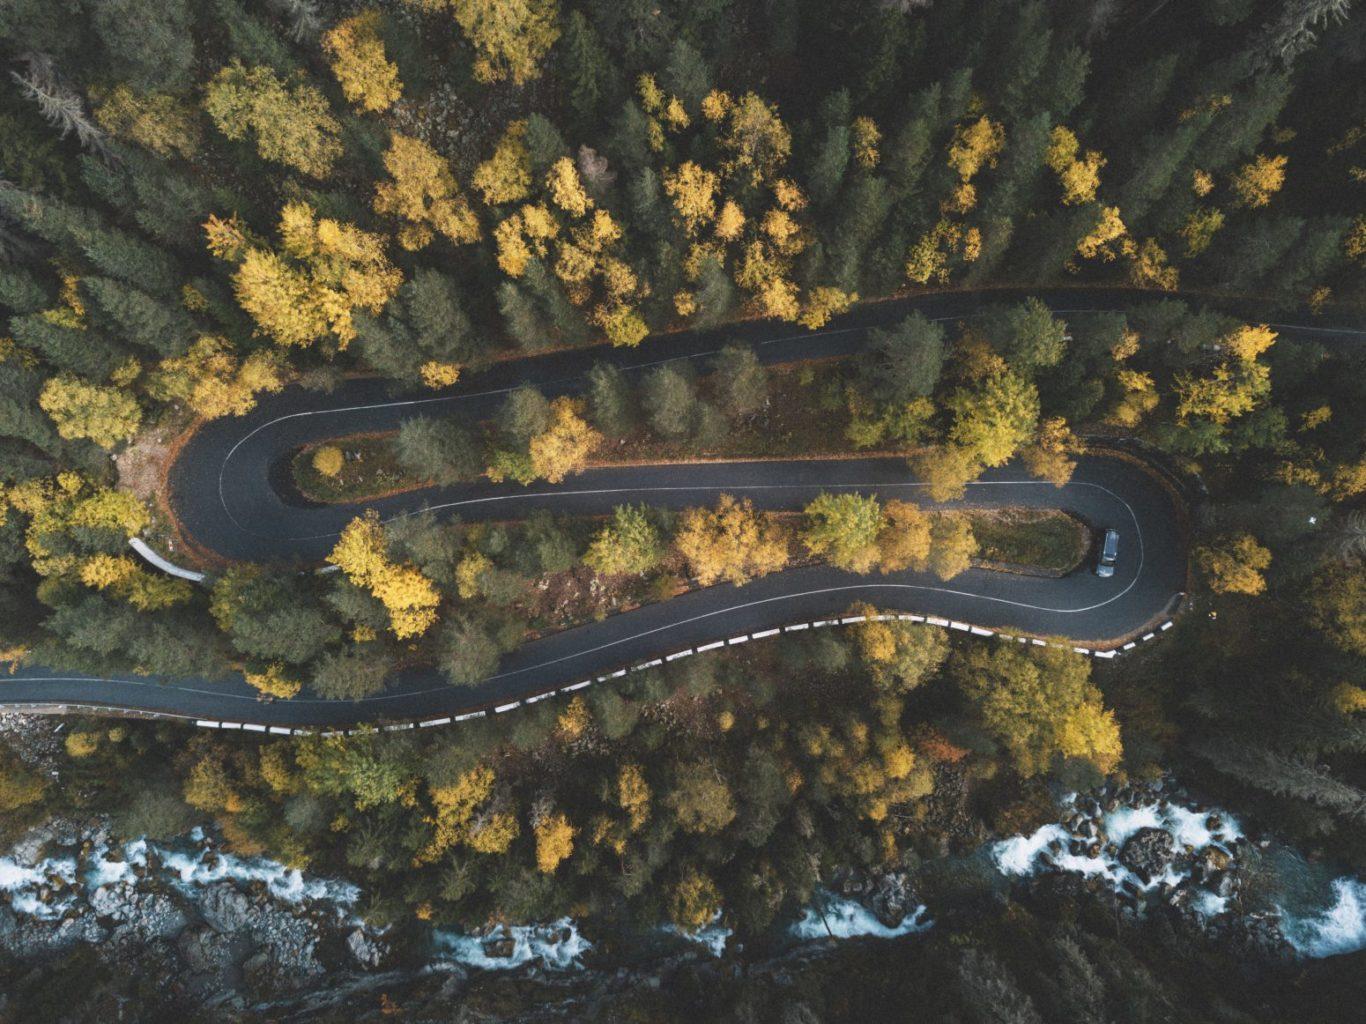 Nutzungsausfallentschädigung Mietwagen Nutzungsausfall Schaden Kosten